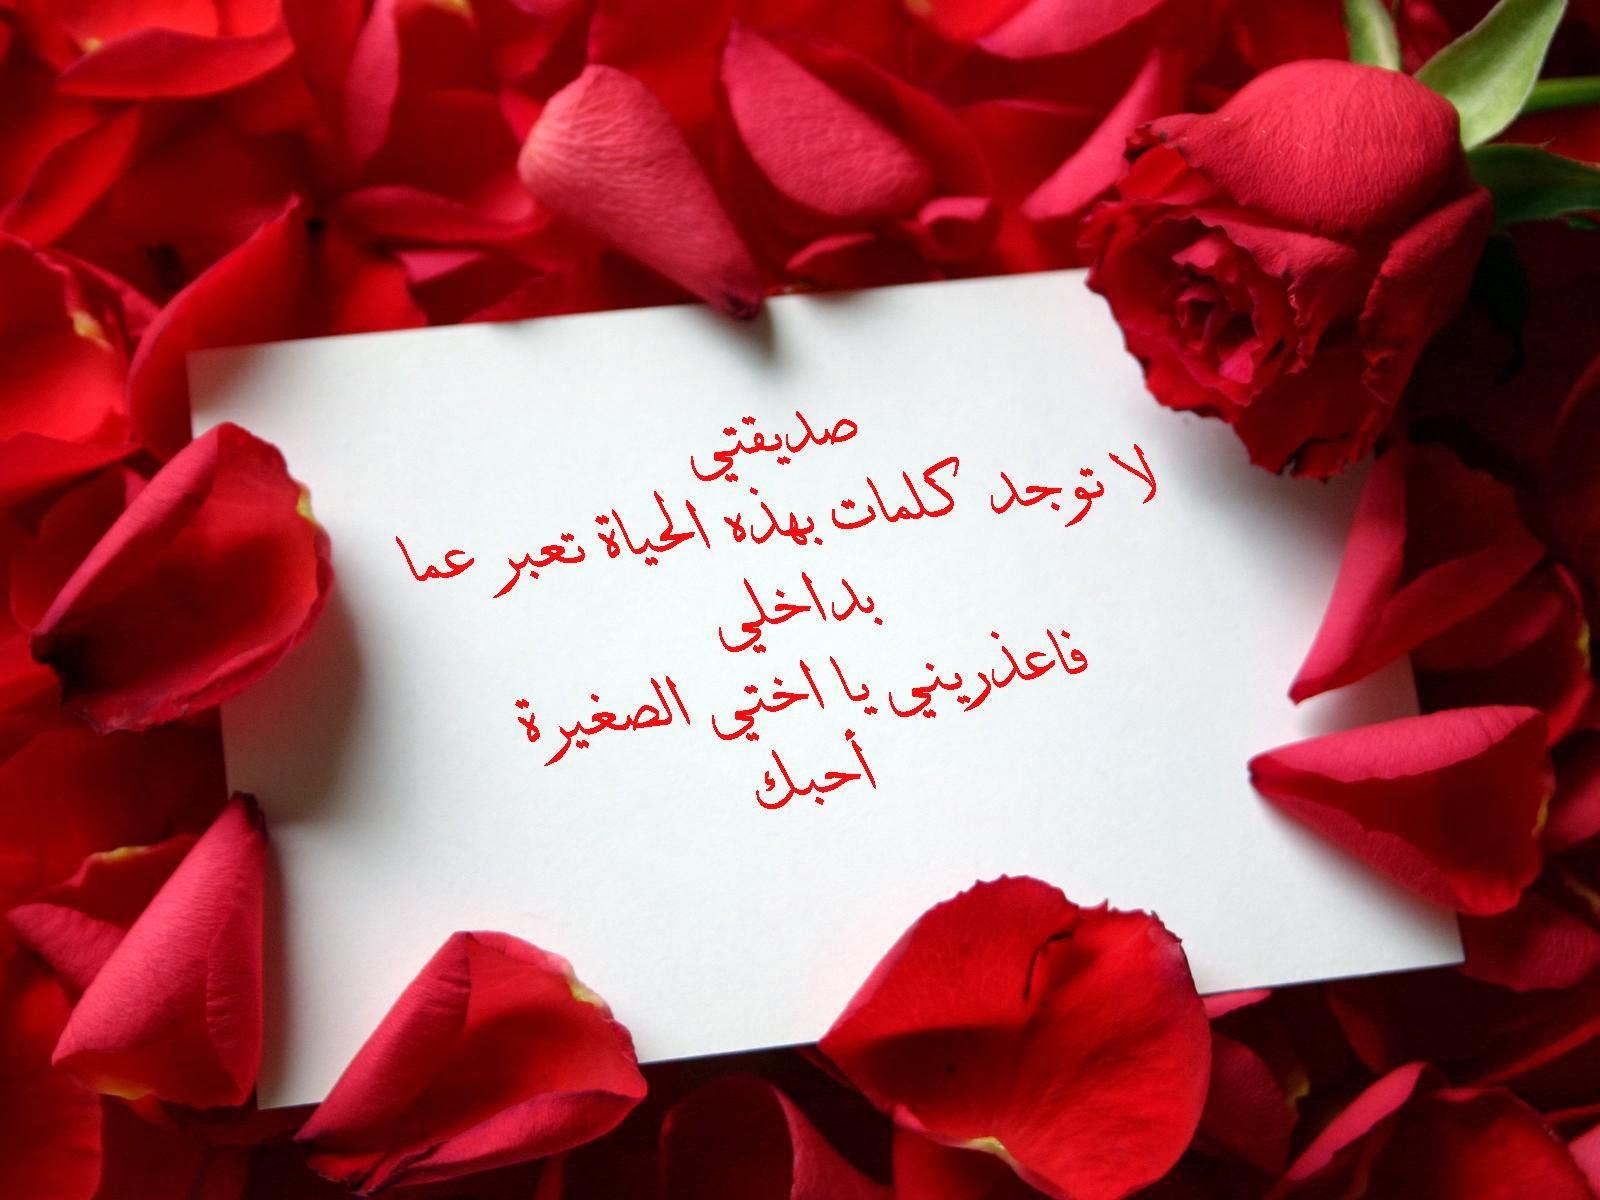 بالصور كلام في الحب والغرام , اجمل كلام يقال ف الحب والغرام بين الحبيبن 6118 8